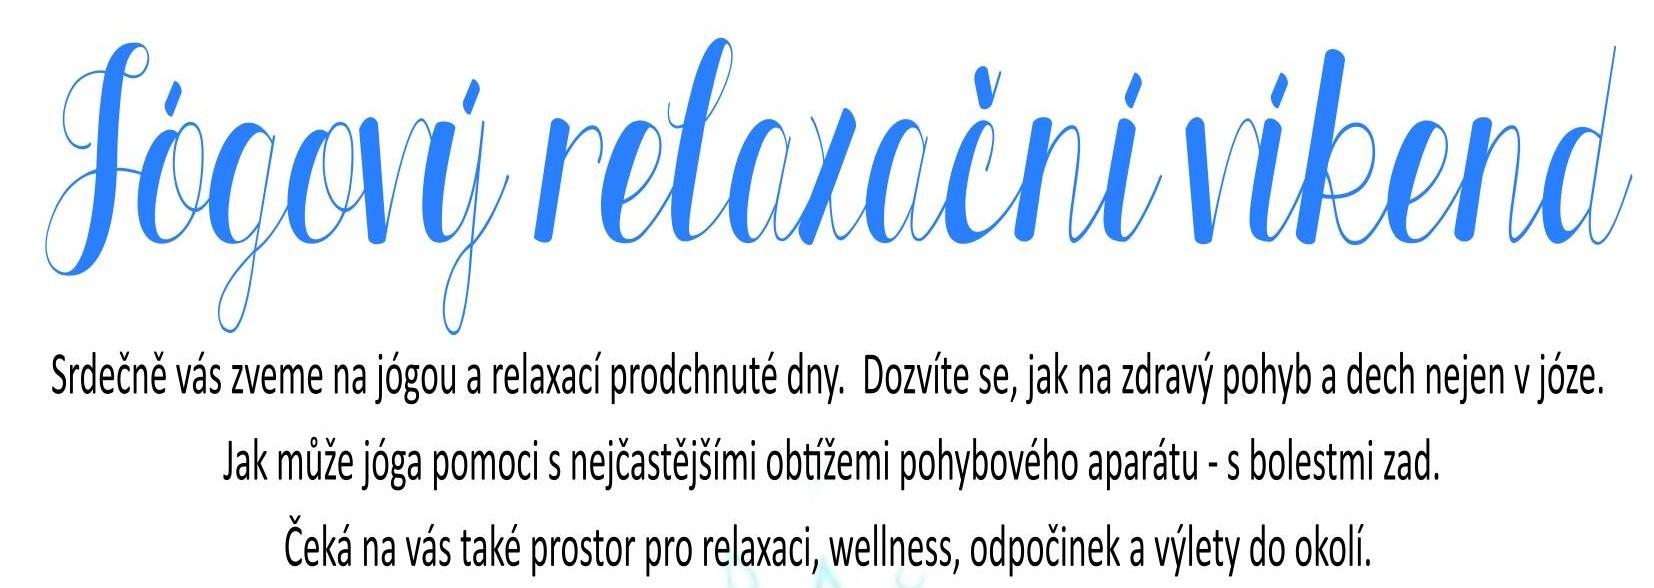 Relaxačné joga